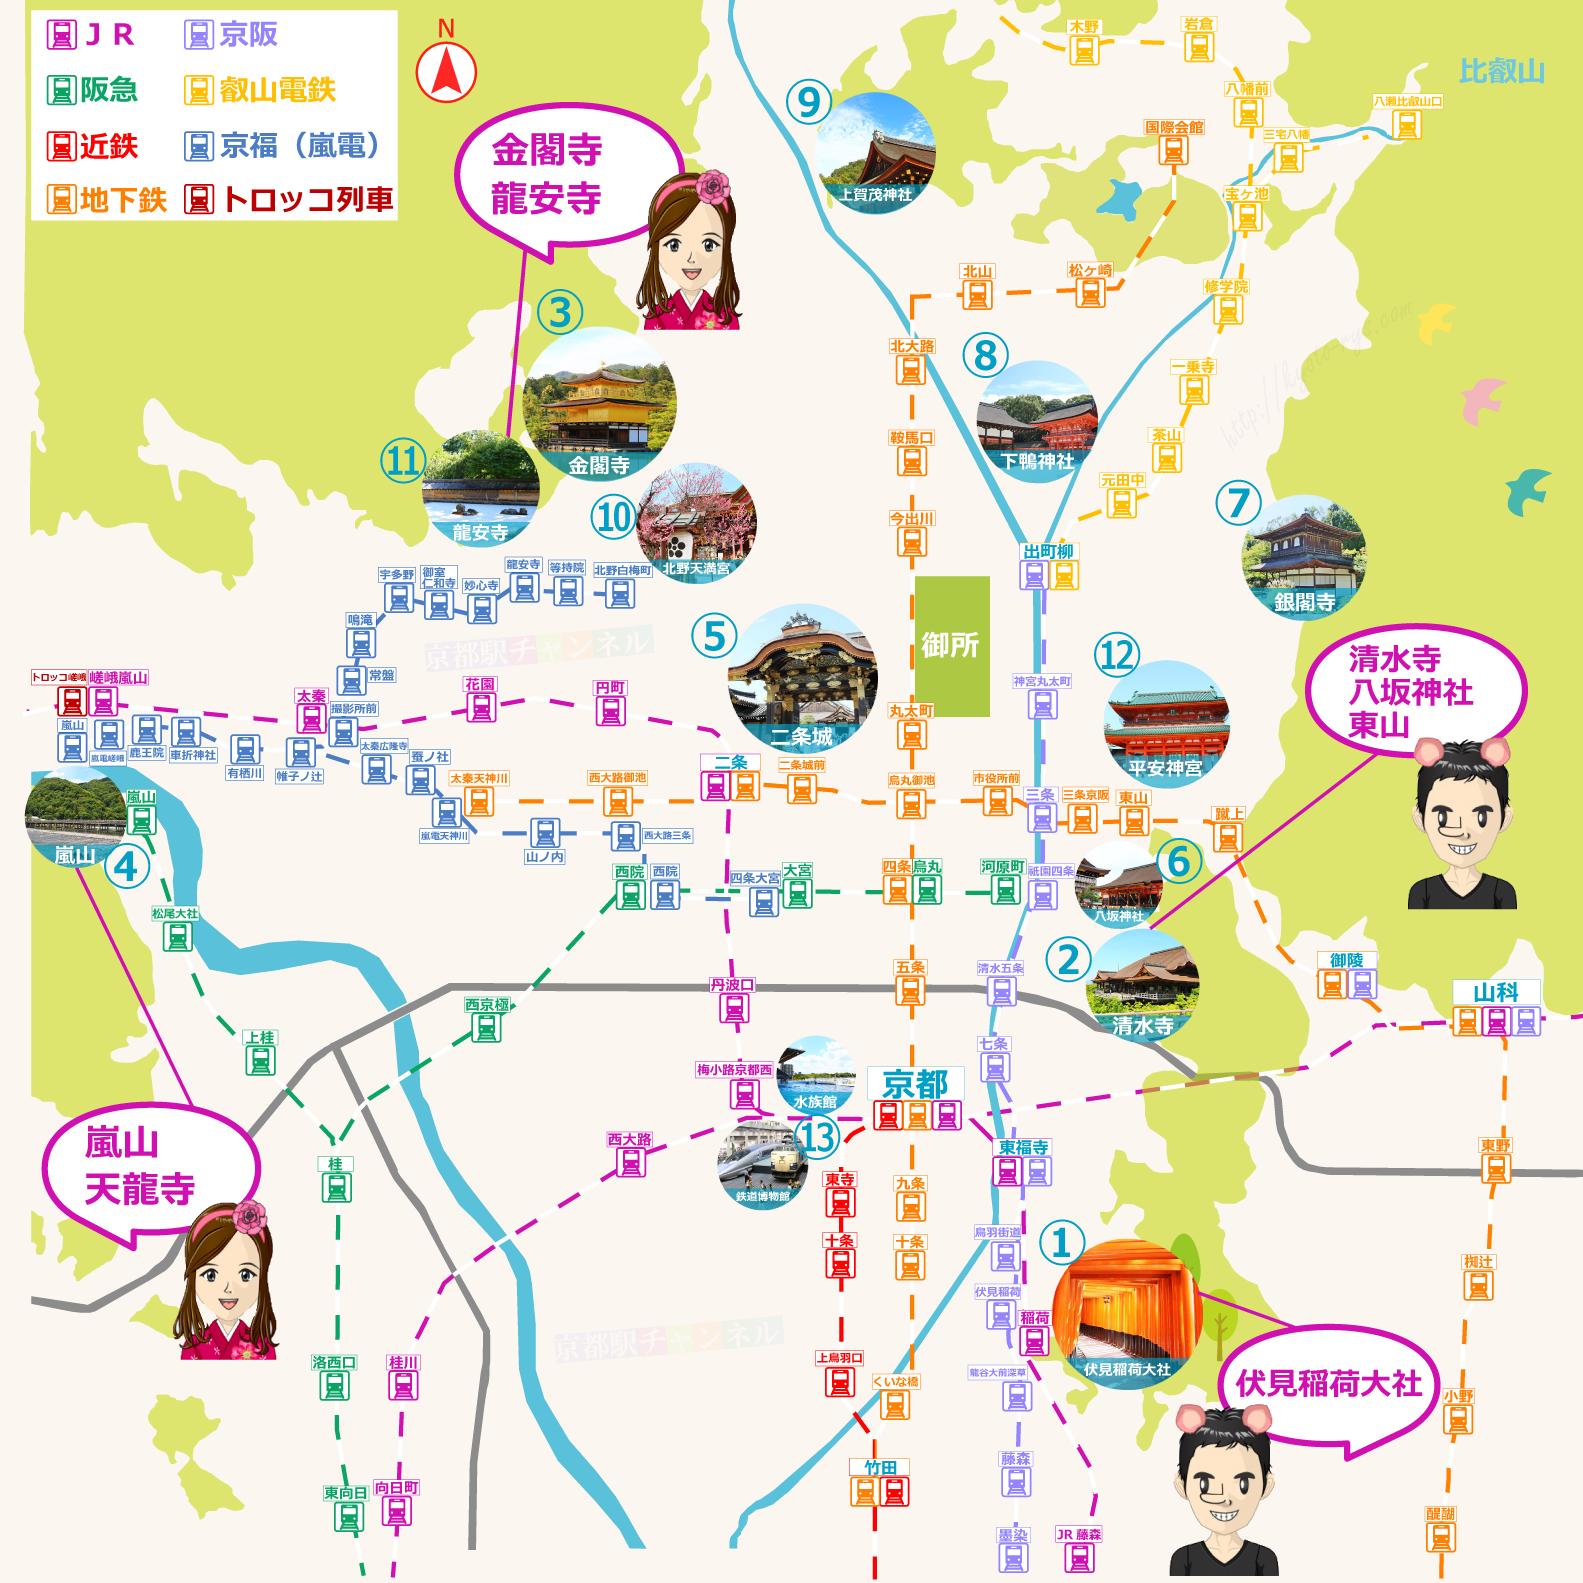 京都市内の主な観光スポットと路線図